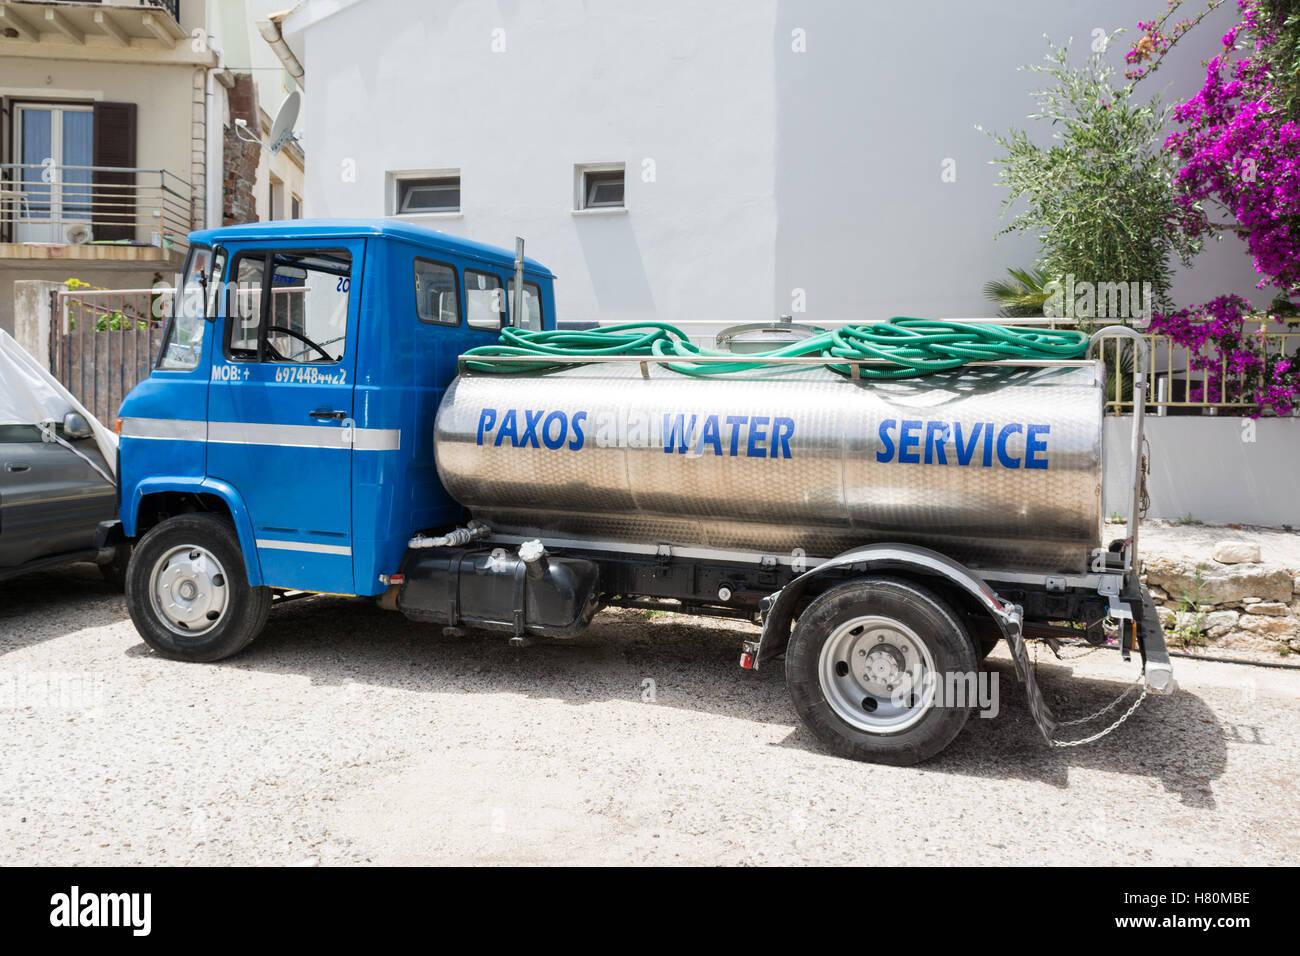 El servicio de agua en camión Gaios, Paxos, Grecia Imagen De Stock